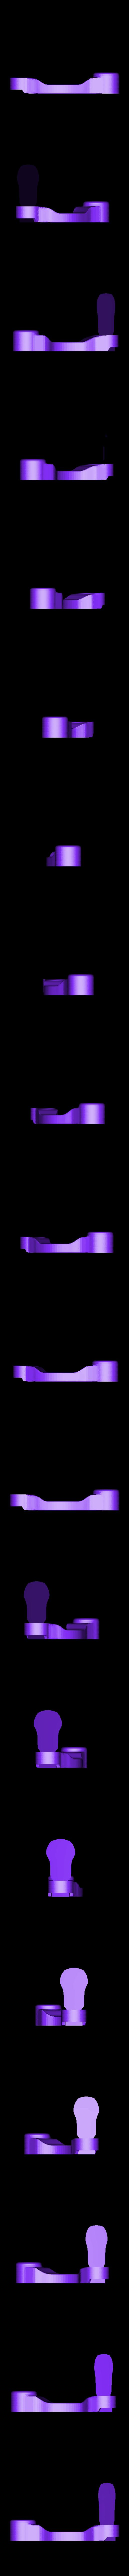 crankArm02.stl Télécharger fichier STL gratuit Bras de manivelle de pêche pour codeur rotatif • Design pour imprimante 3D, Adafruit